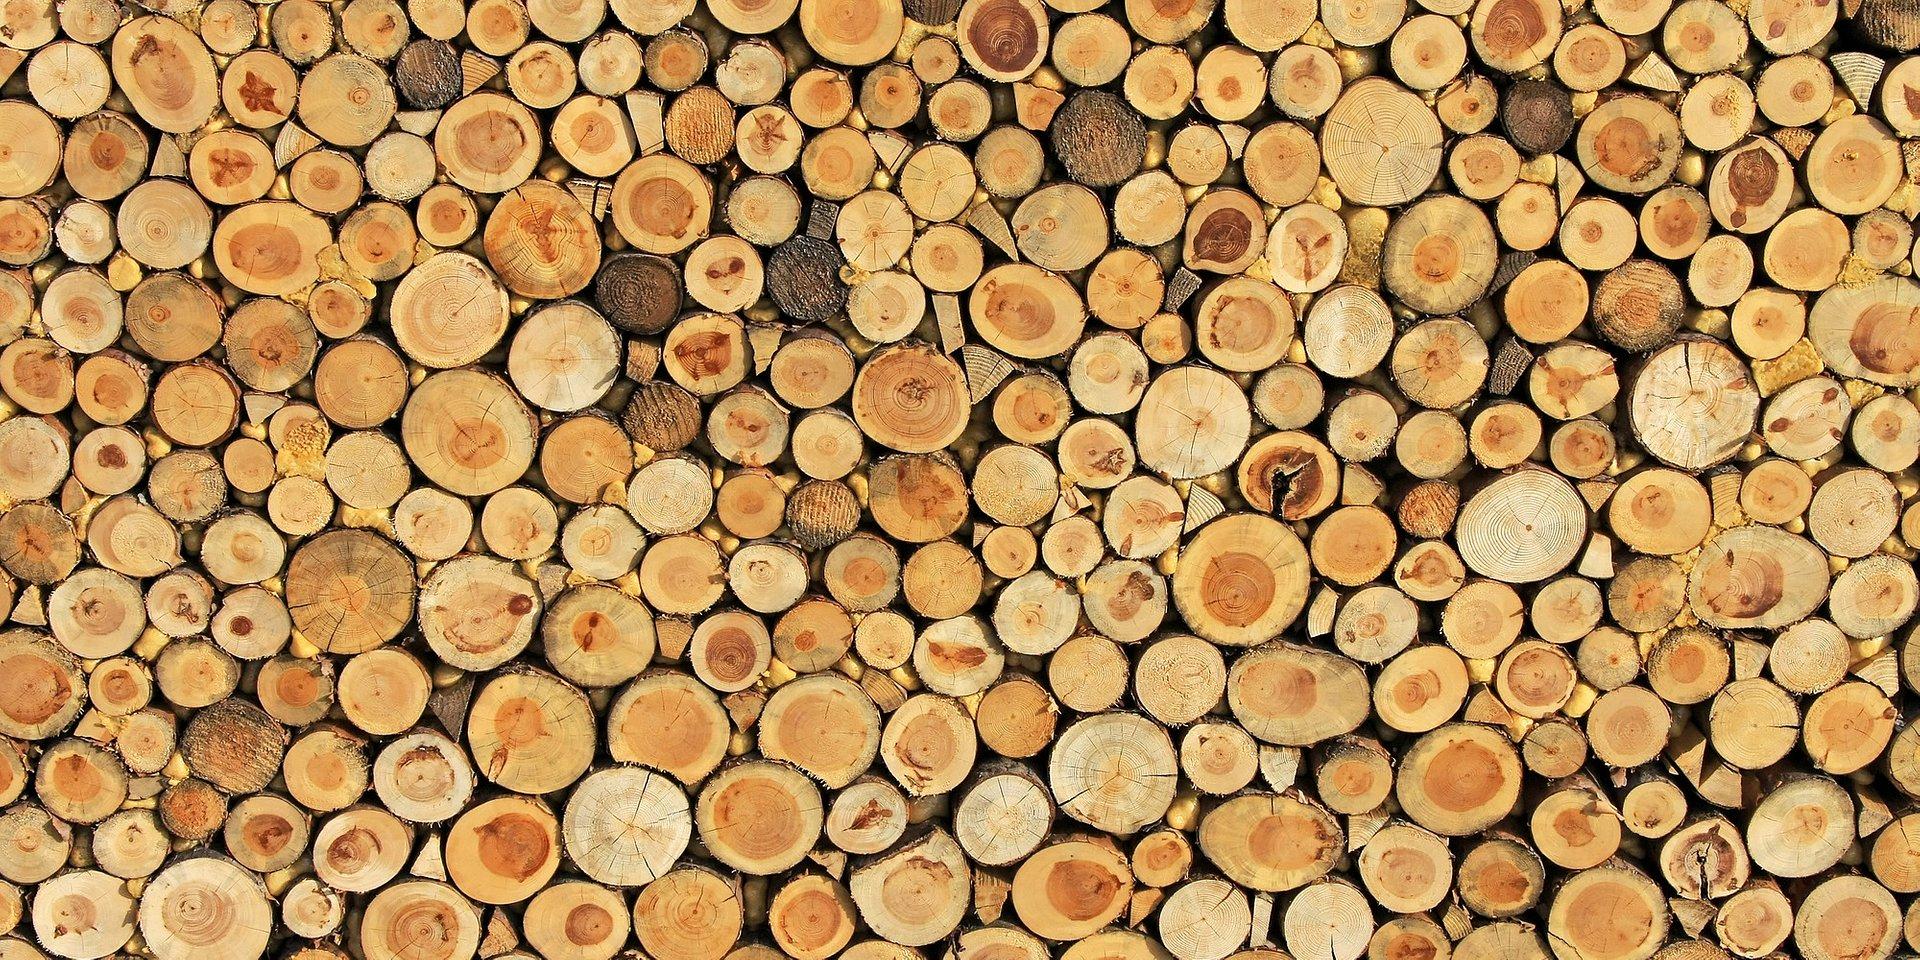 Drewniane elementy wnętrza - 3 pomysły jak kreatywnie wpleść drewno do domu